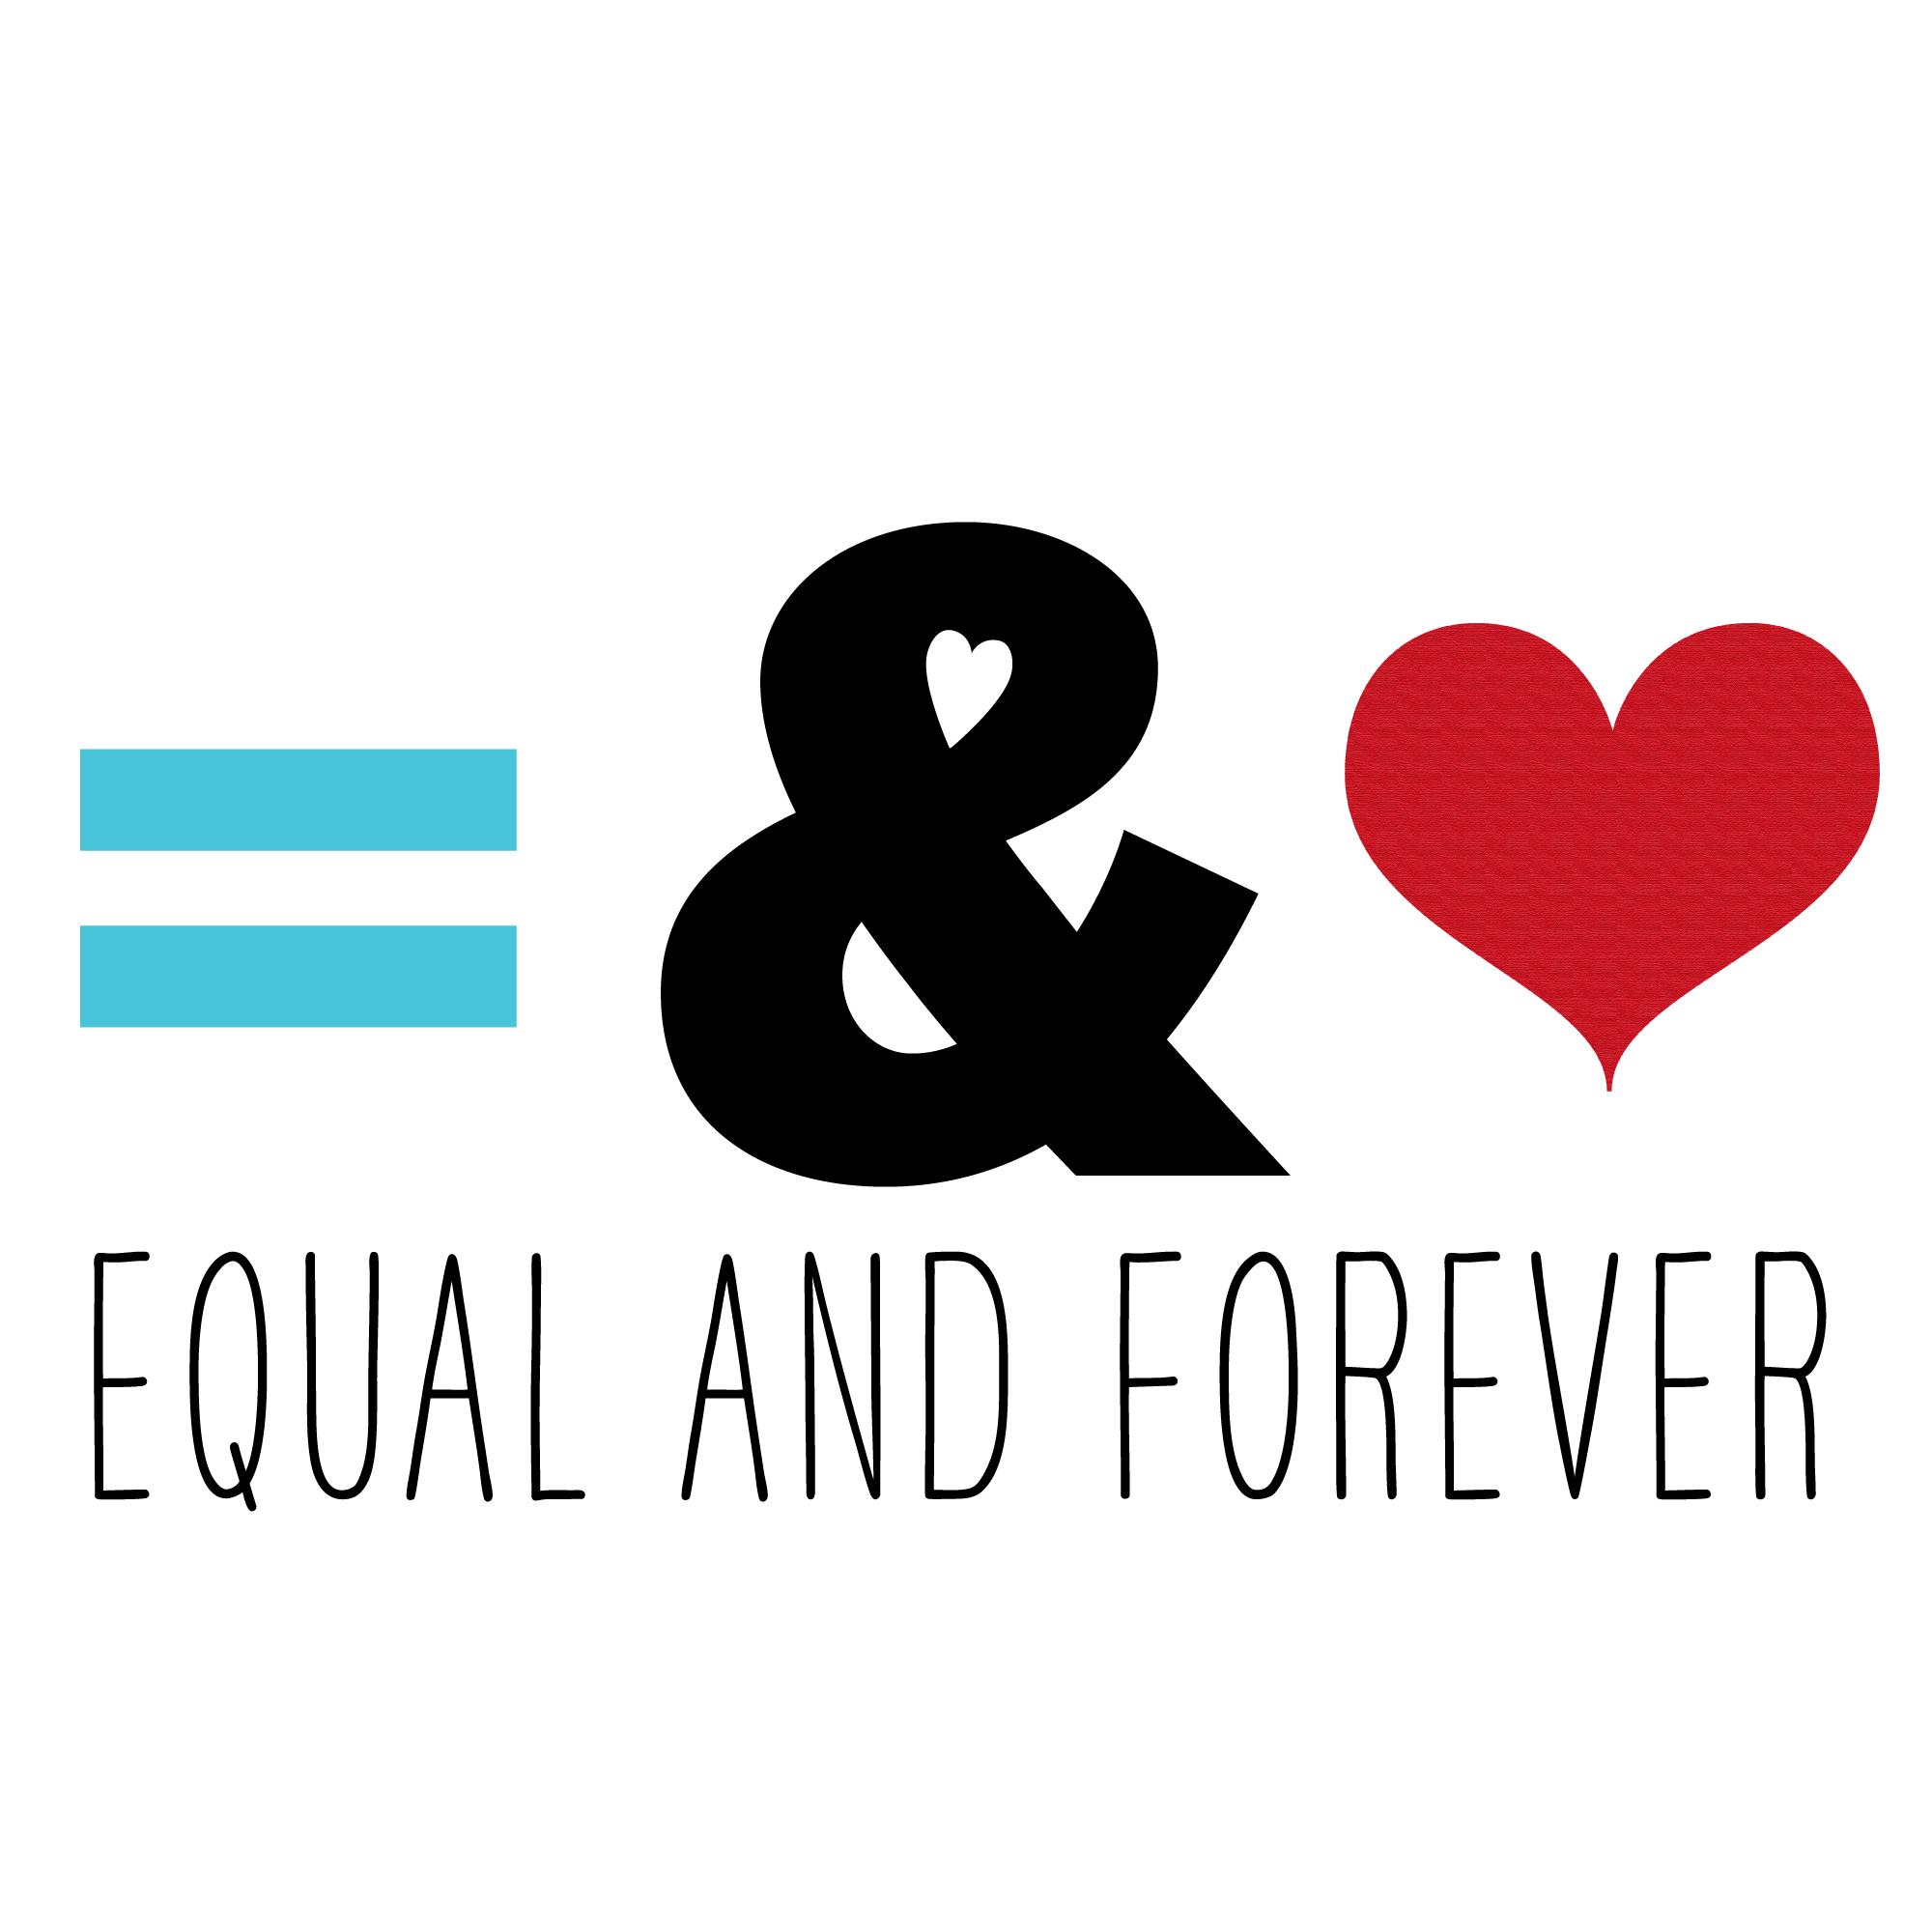 equalandforever.png